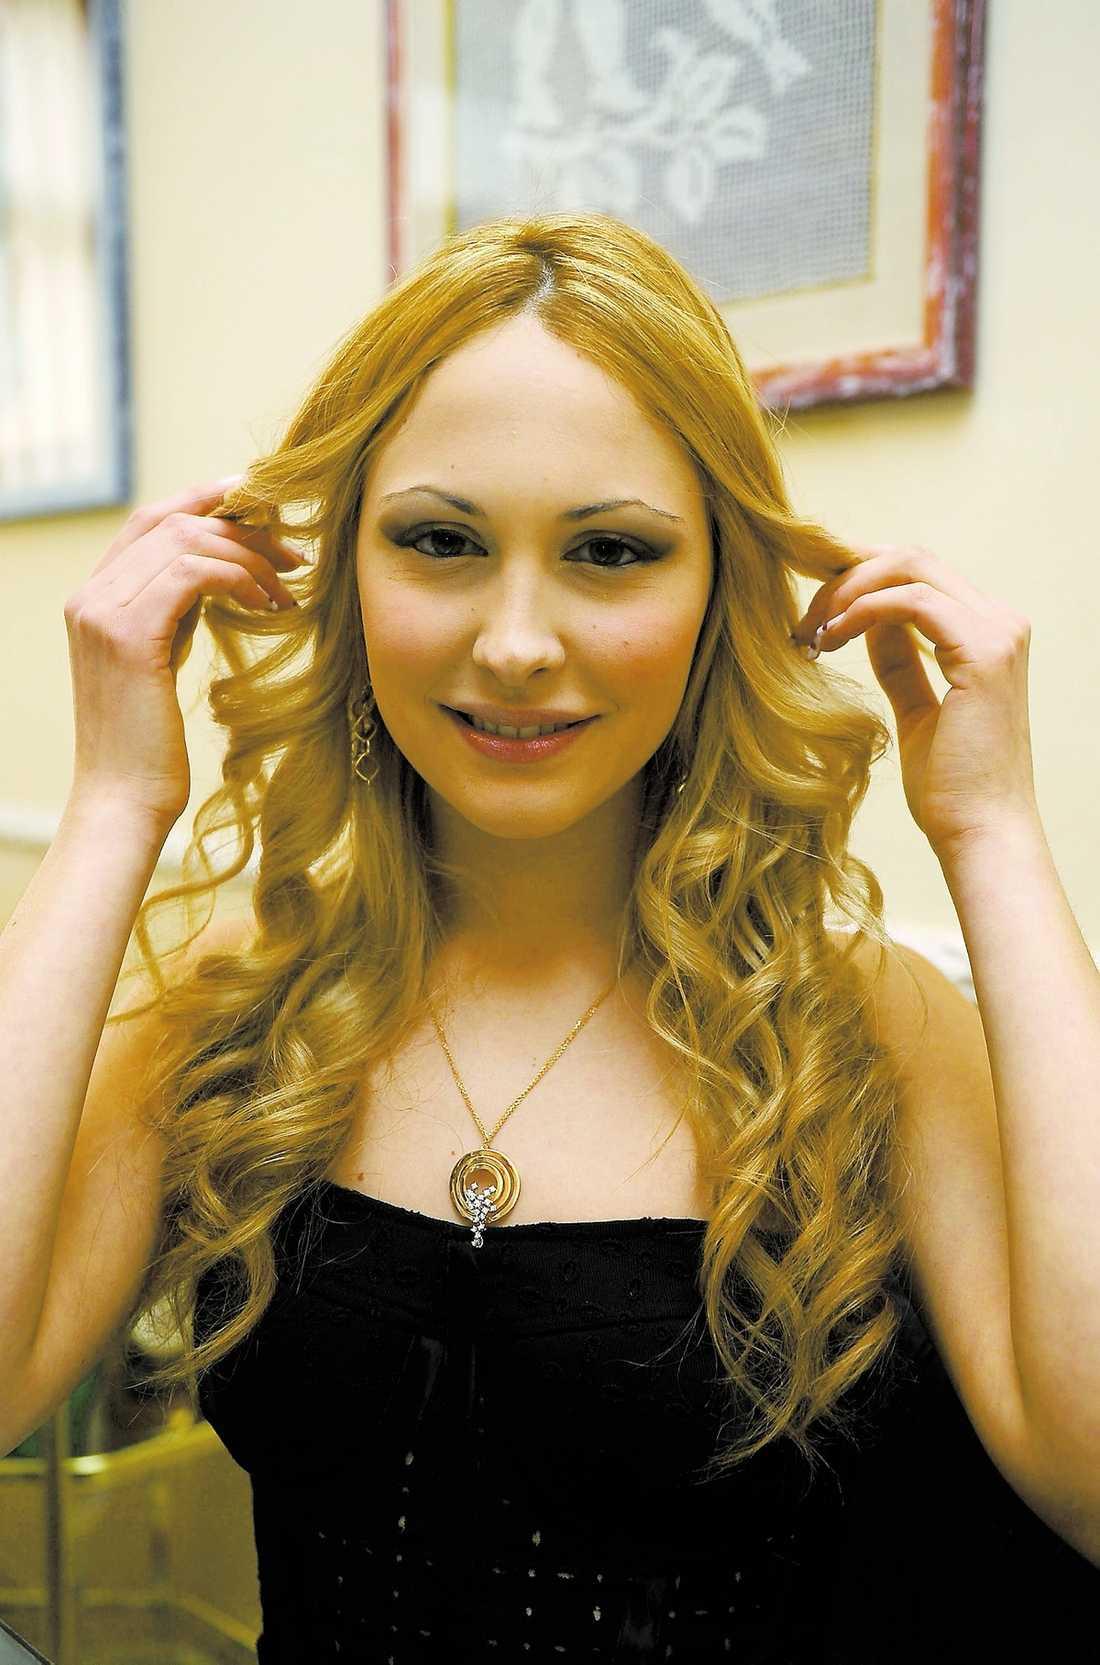 fin present Noemi Letitzia, 18, poserar med smycket hon fick av Silvio Berlusconi, 72.